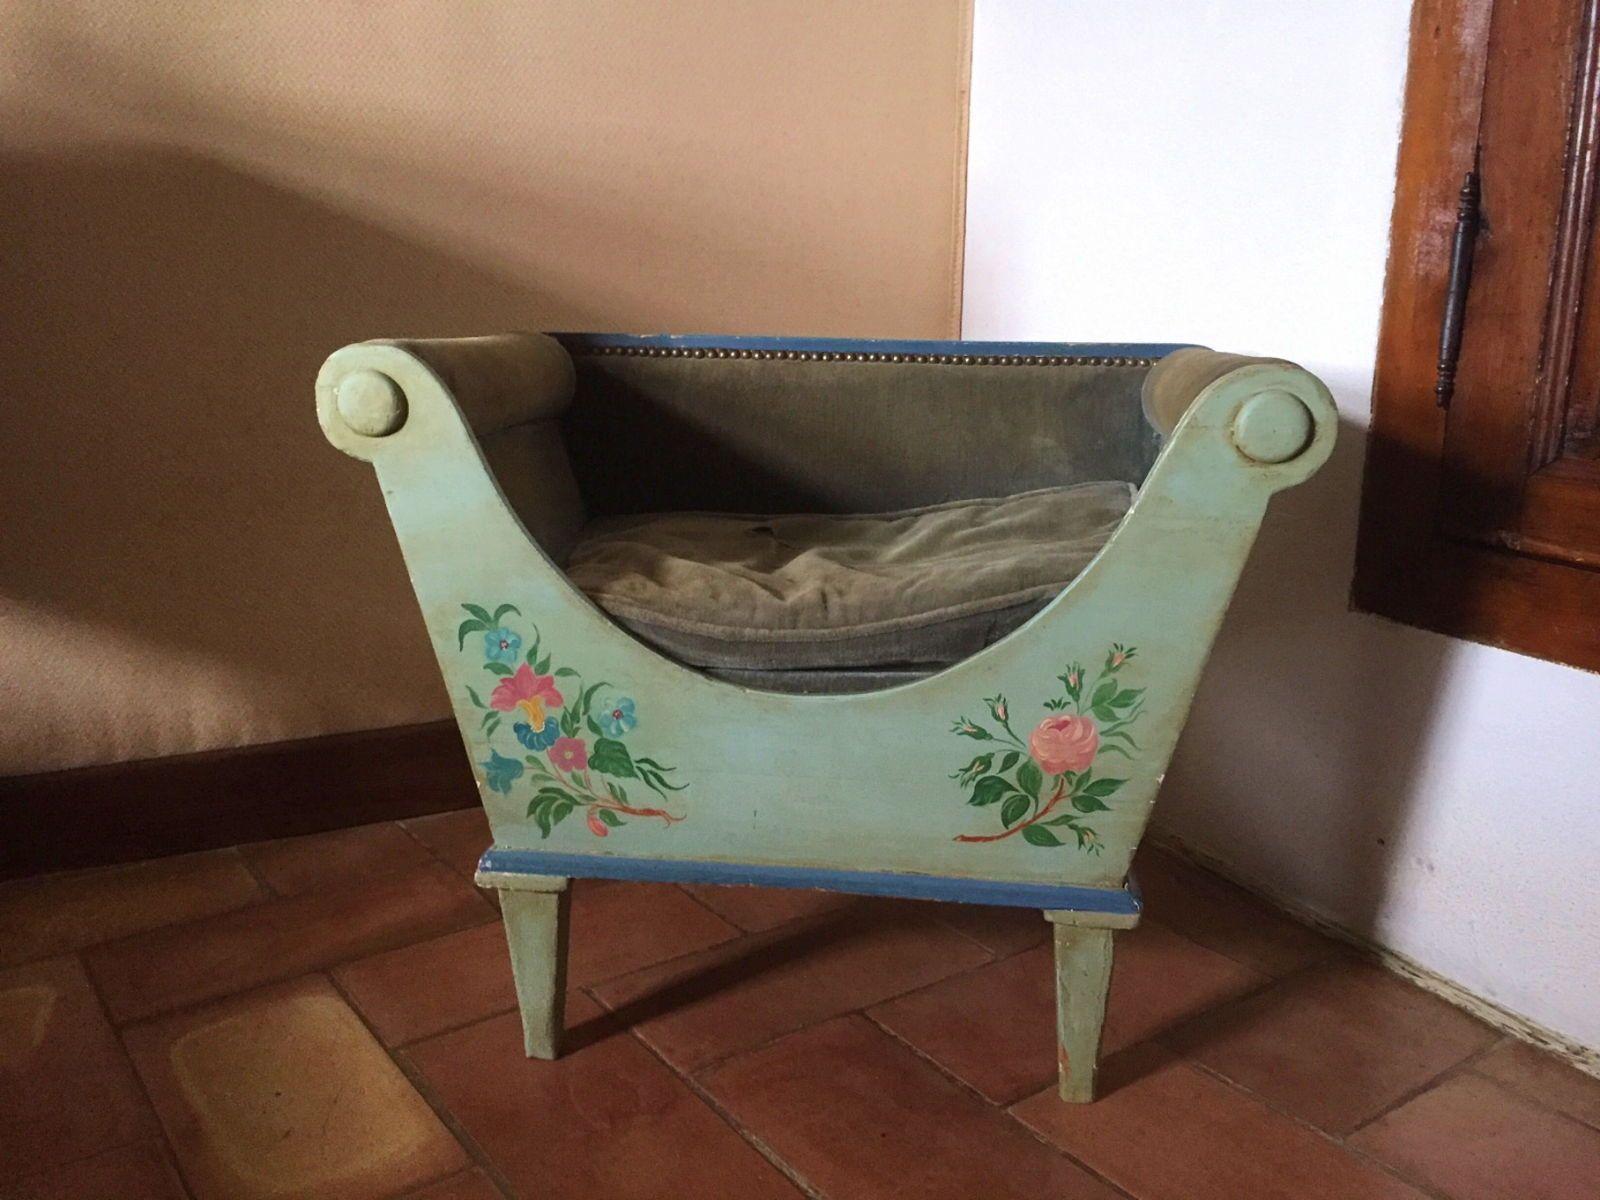 Vends petit siège en bois peint inspiration Napoléon III